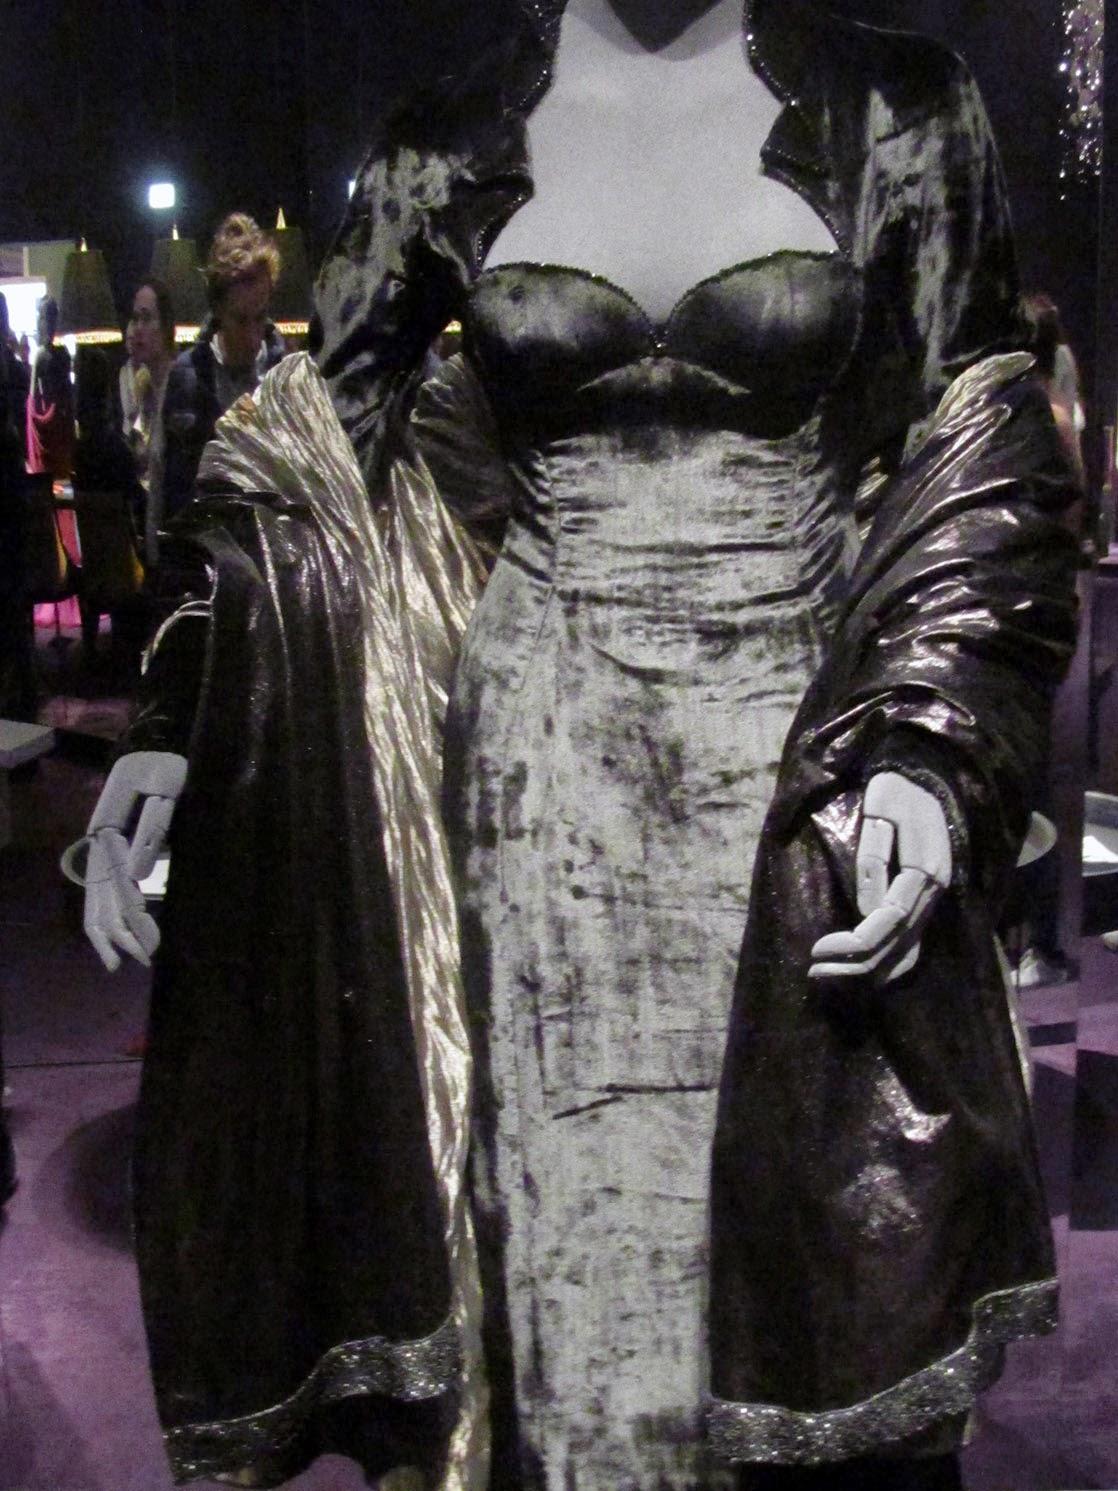 Famke Janssen's black dress